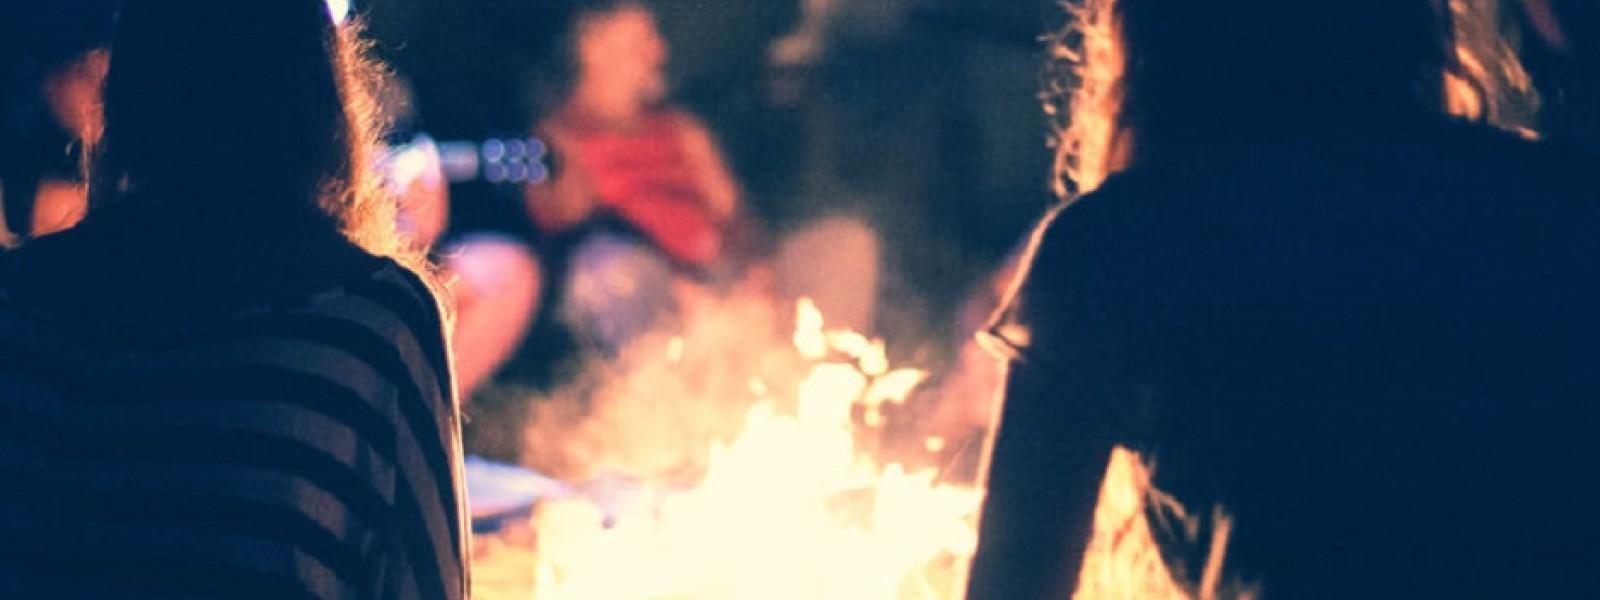 teens campfire